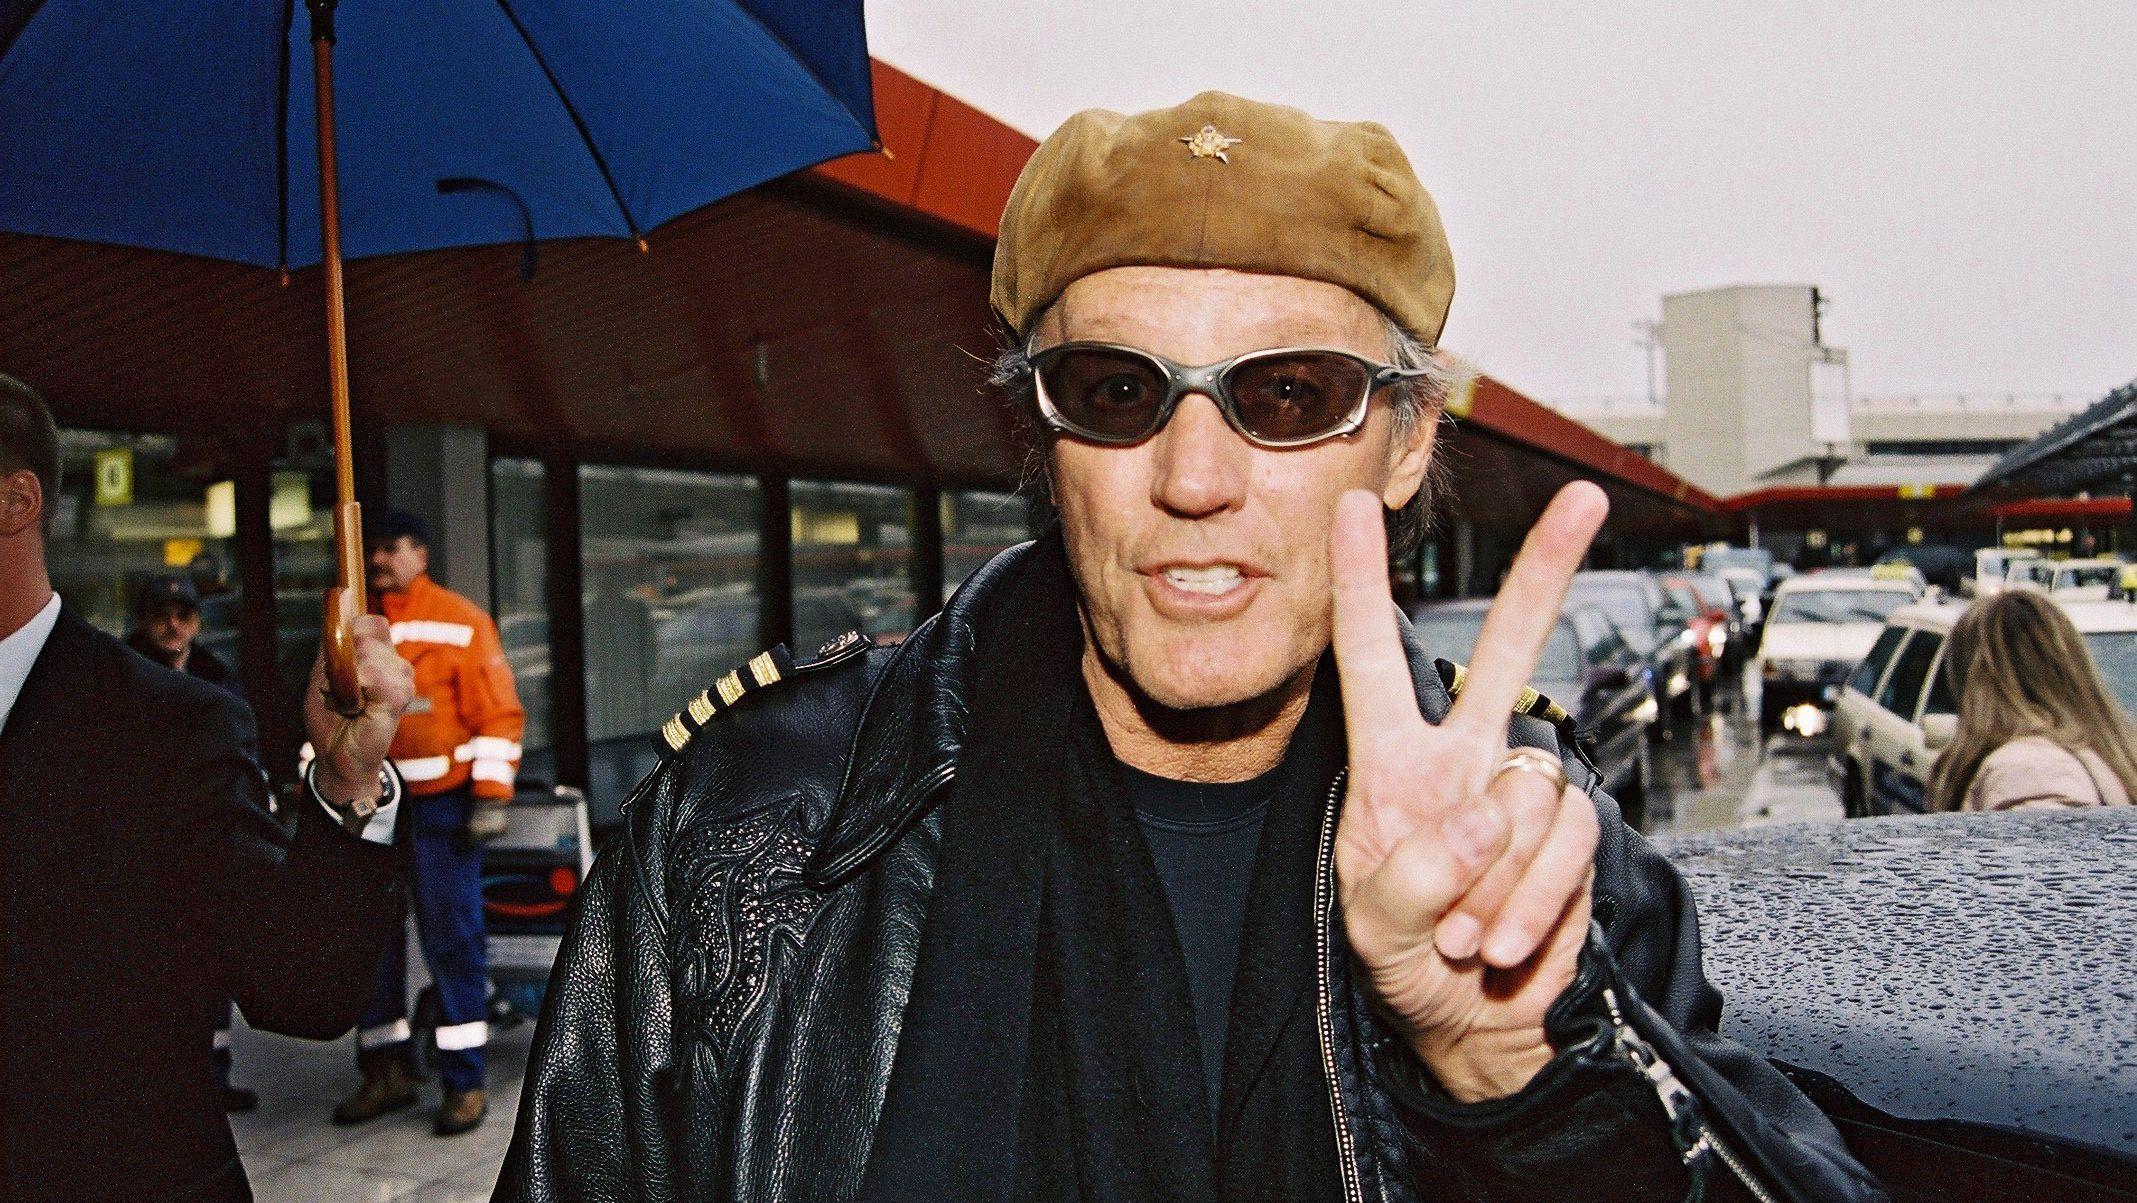 Der Schauspieler Peter Fonda macht mit seiner linken Hand ein Victory-Zeichen